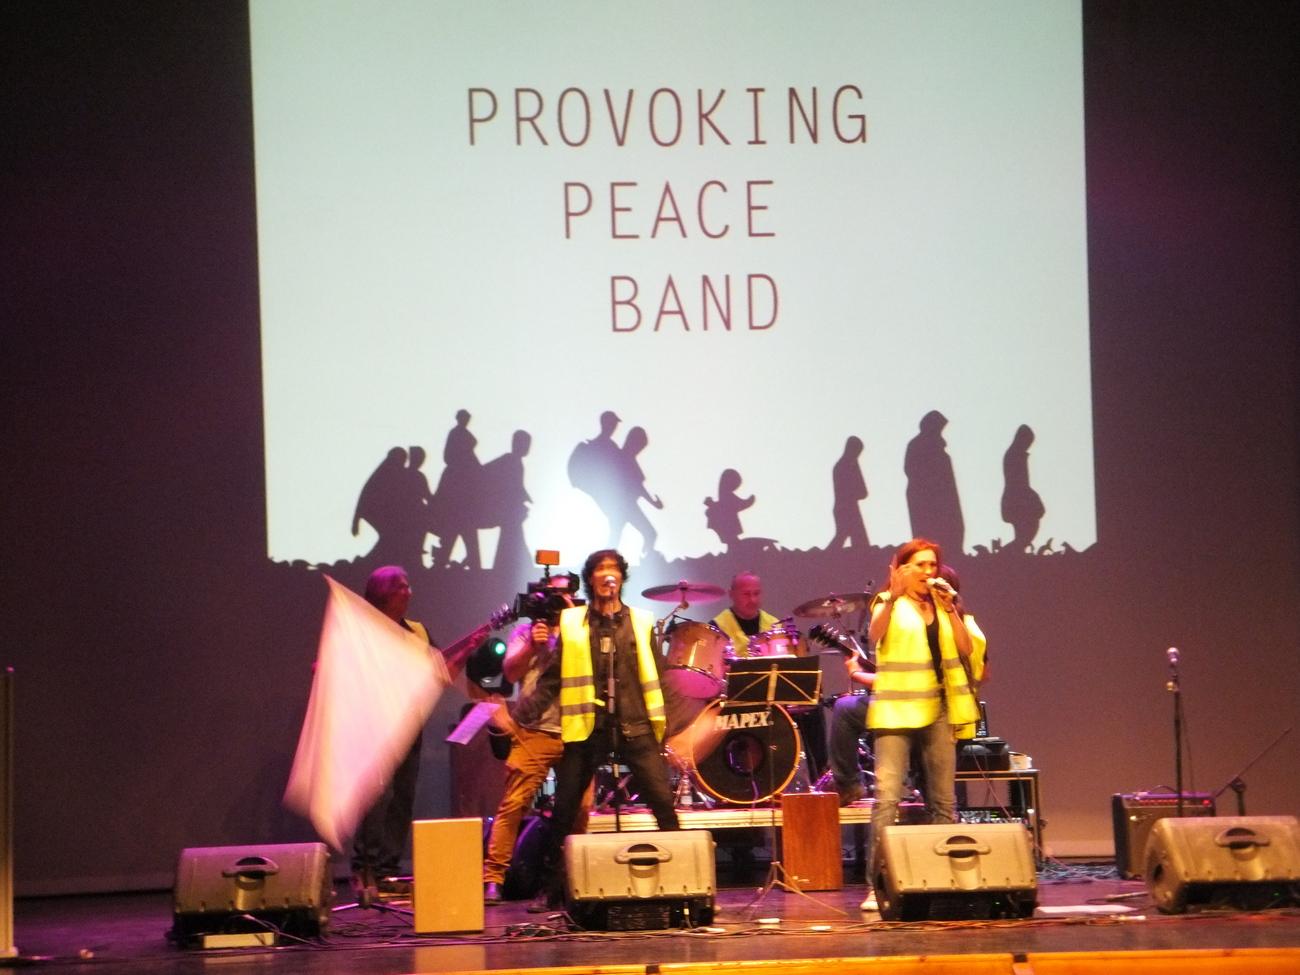 movilizacion-social-acciones-voluntario-festivales-solidarios-1